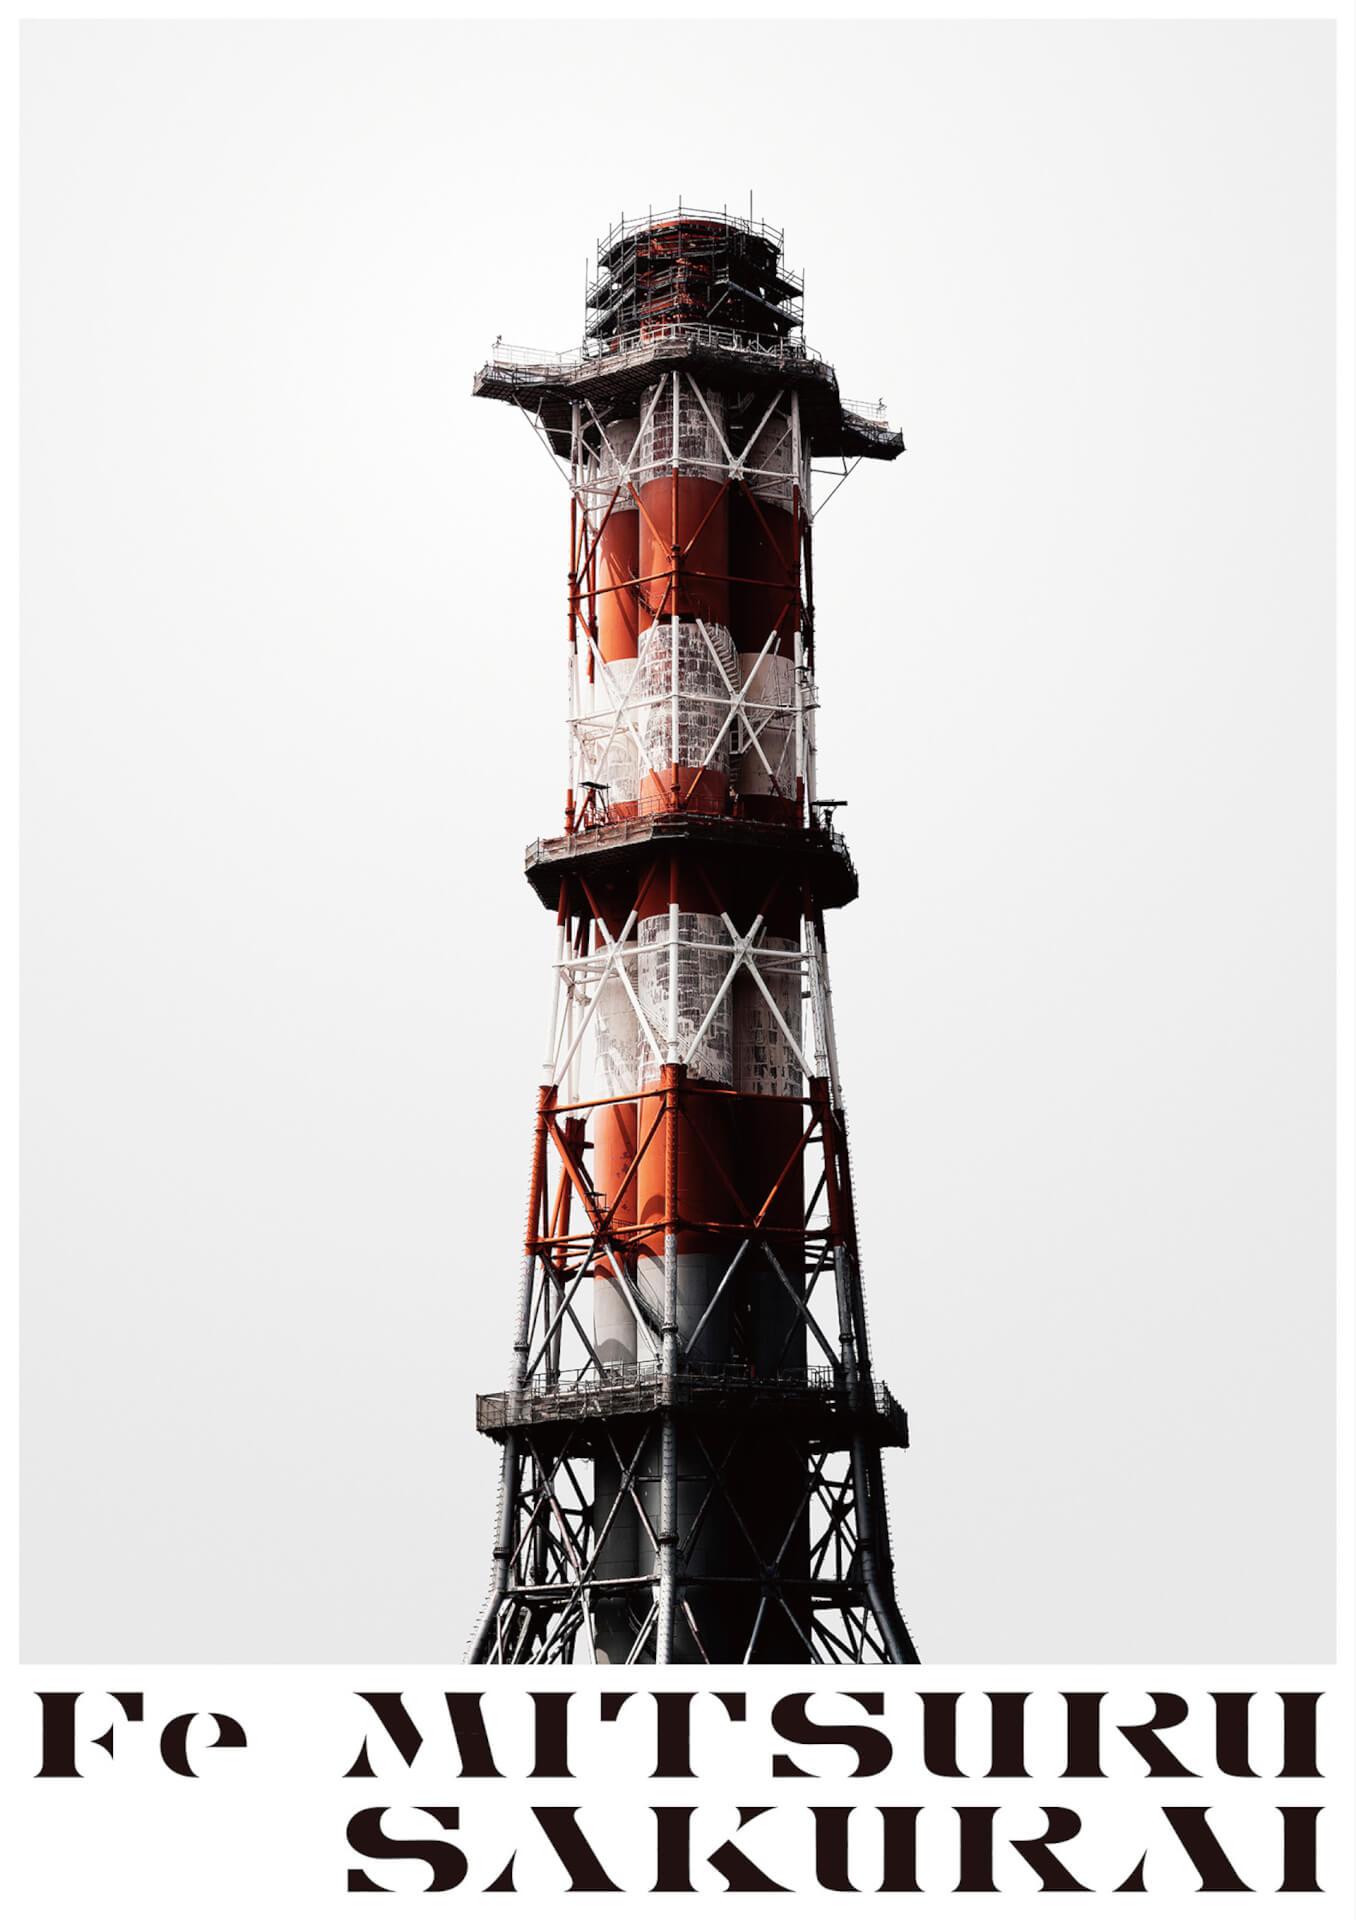 鉄をテーマとする写真家・櫻井充の写真展<Fe>開催決定|東京タワー、スカイツリーも登場する「鉄塔シリーズ」などが展示 ac200225_sakuraimitsuru_fe_03